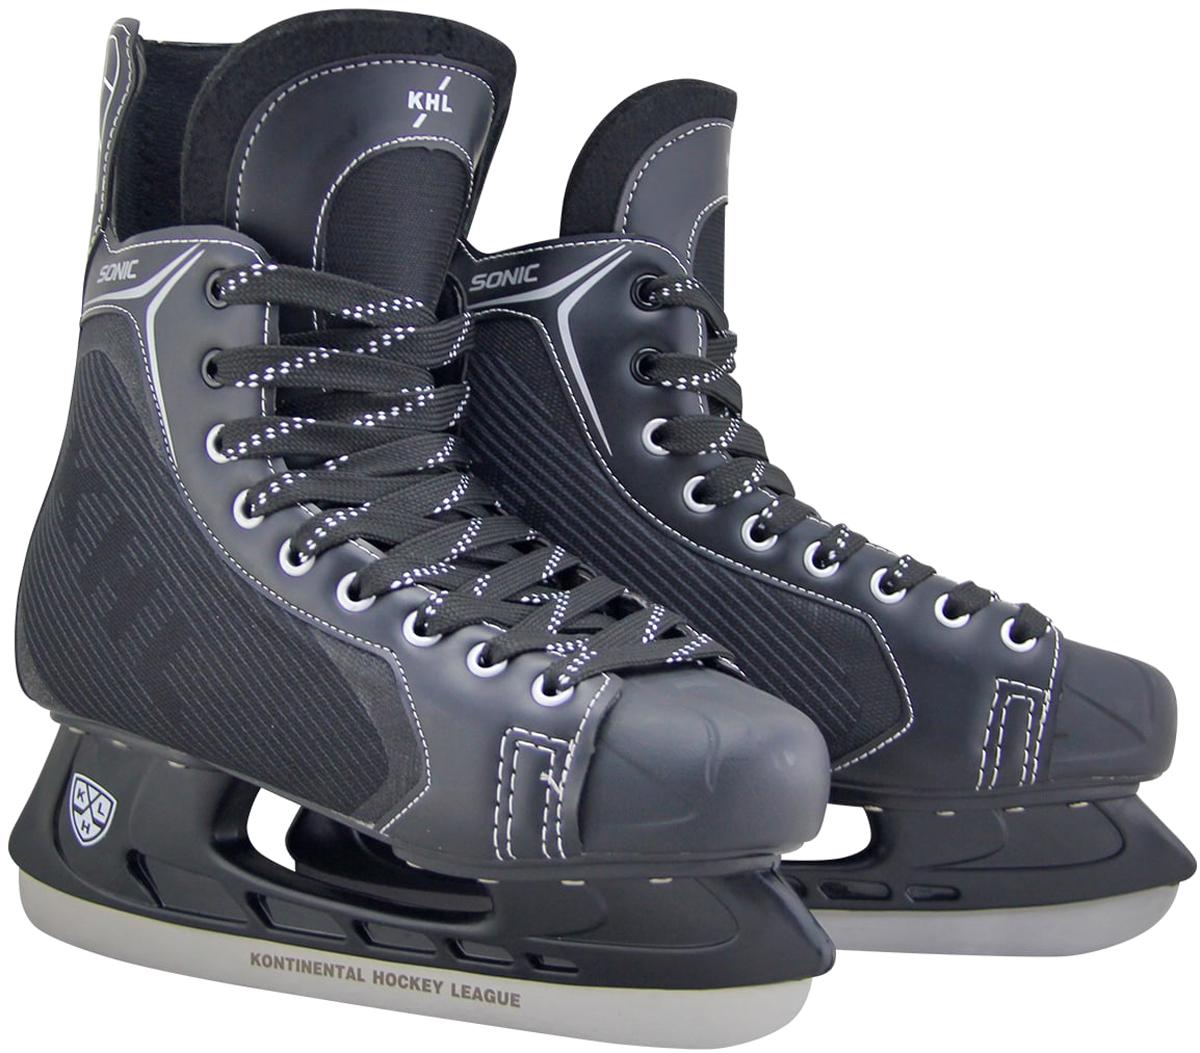 Коньки хоккейные мужские KHL Sonic, цвет: черный, серый, белый. Размер 37УТ-00010443Хоккейные коньки KHL Sonic являются официальной лицензионной продукцией Континентальной Хоккейной Лиги (КХЛ). Это прекрасная любительская модель коньков с уникальным стильным ассиметричным дизайном, выполненным в новой стилистической концепции КХЛ. Модель выполнена из износостойких материалов, устойчивых к порезам. Усиленная жесткость ботинка для более уверенного катания. Дополнительные вставки из EVA и MEMORY foam обеспечат комфорт. Лезвие выполнено из высокоуглеродистой стали с покрытием из никеля. Шнуровка надежно зафиксирует модель на ноге.Коньки подходят для использования на открытом и закрытом льду.